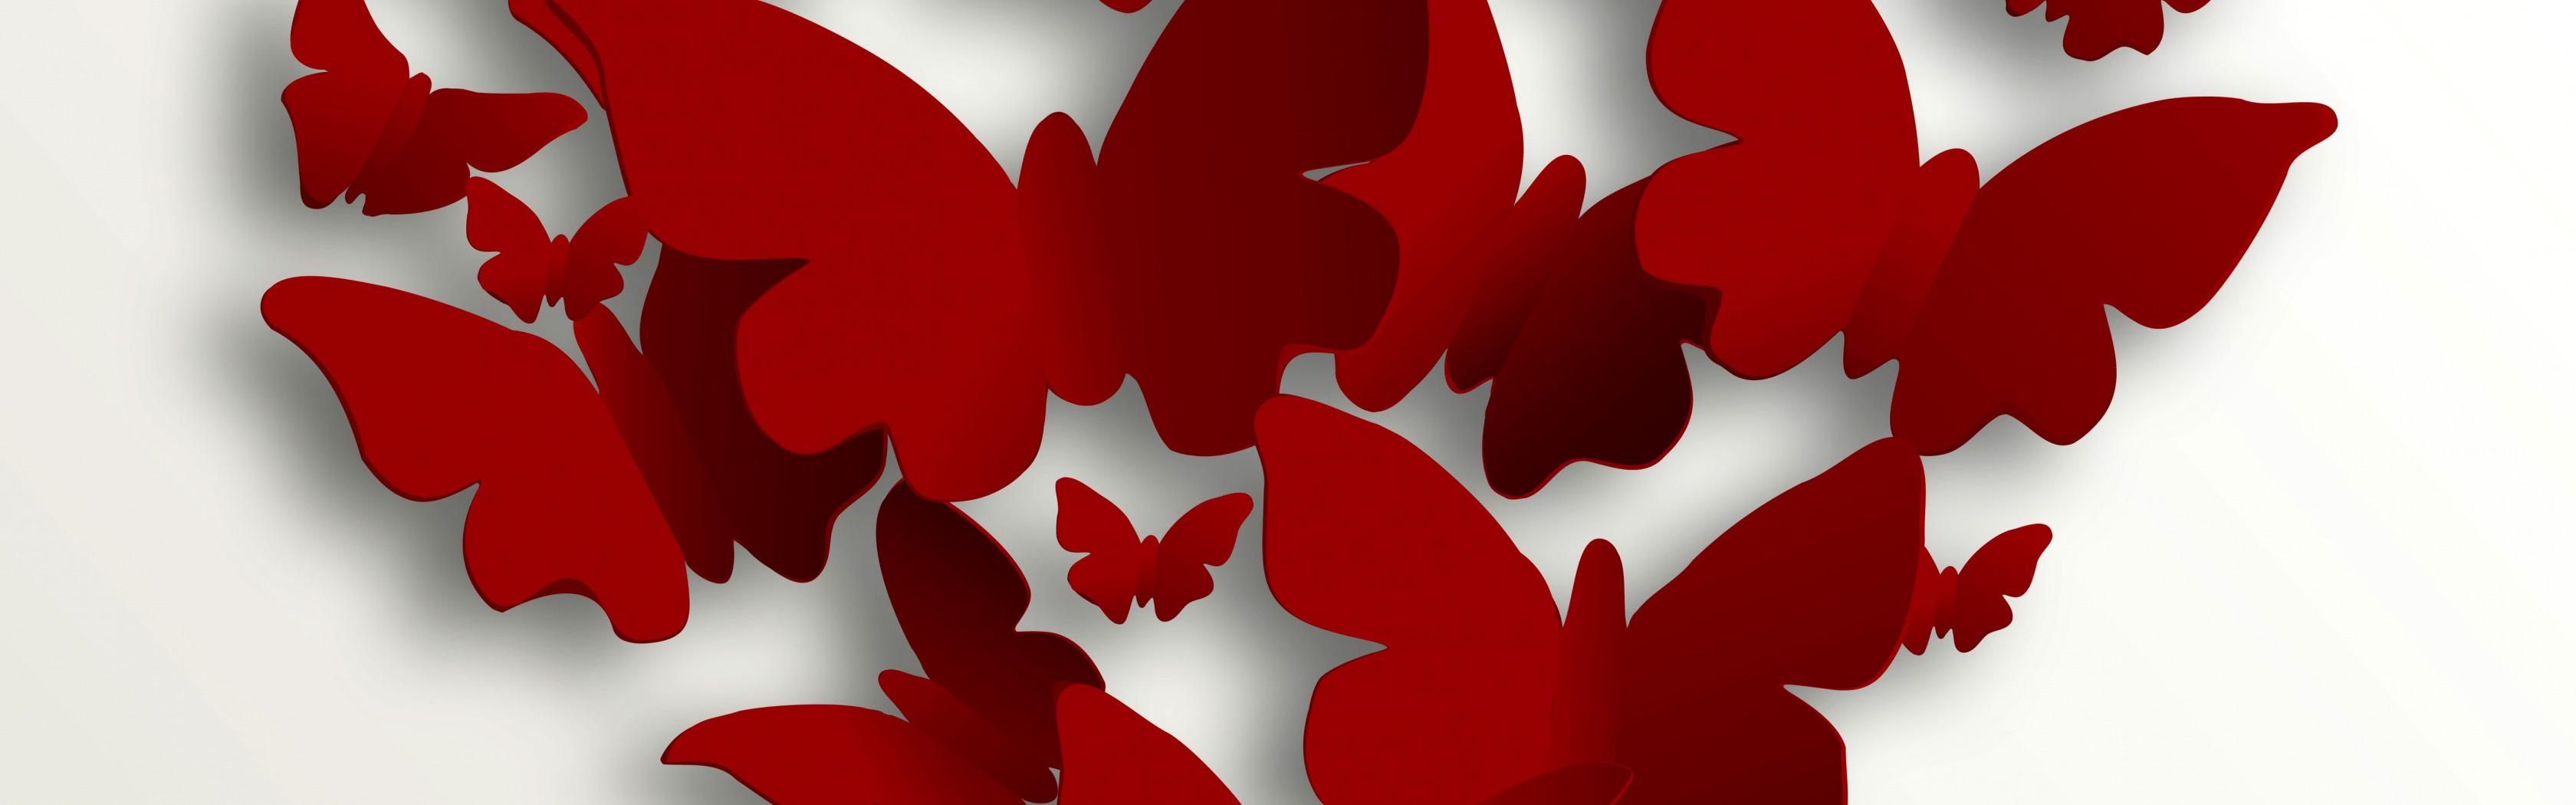 Картинки надписями, сердце из бабочек открытка